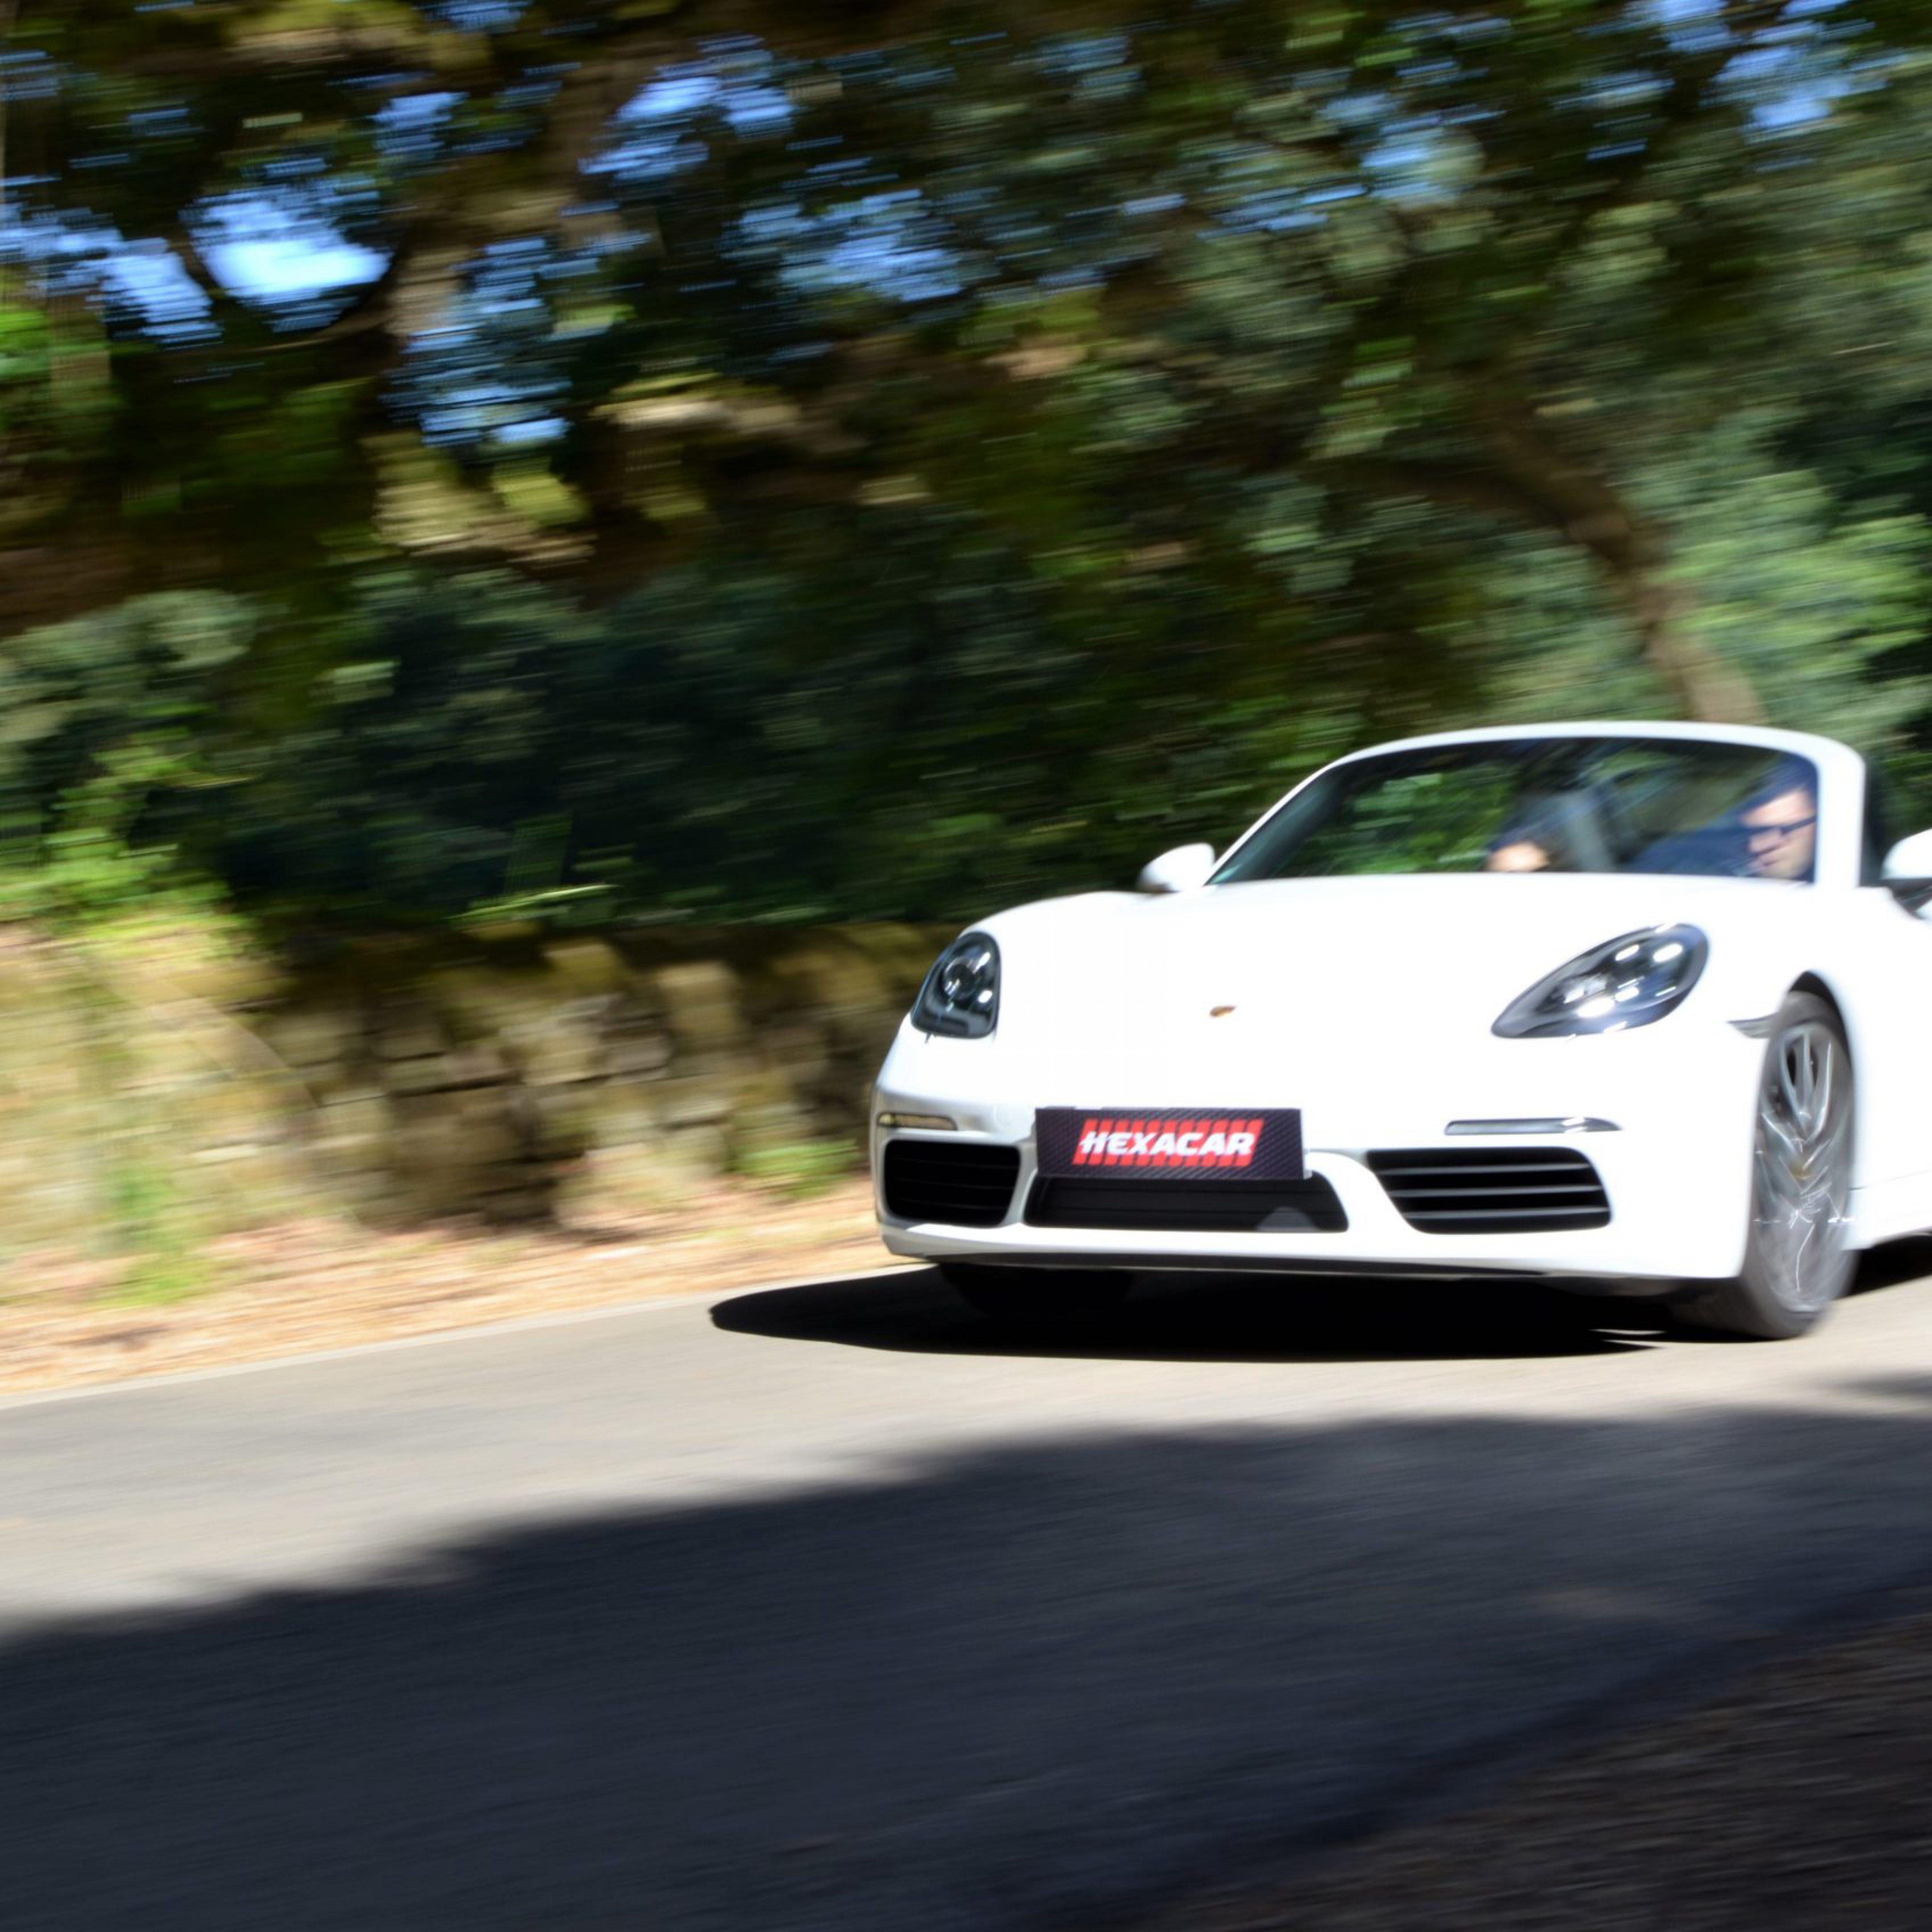 Video Promo Hexacar (Porsche)